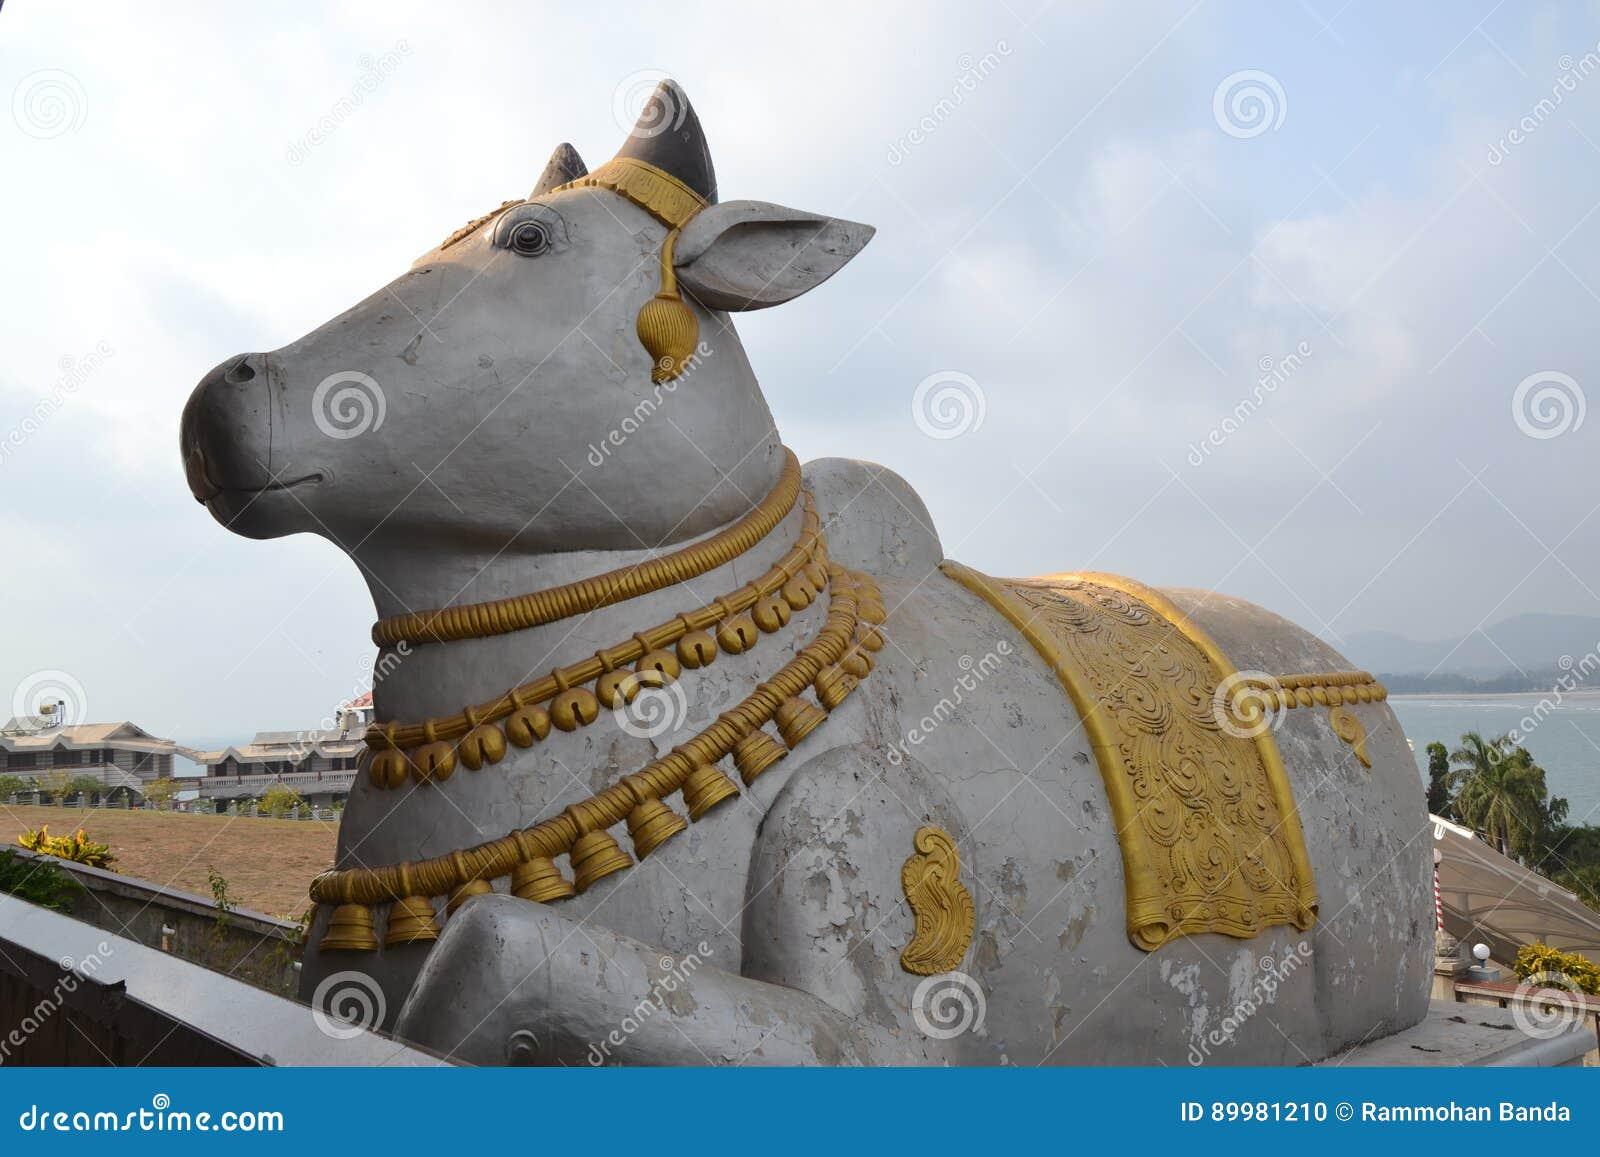 Nandi From Shiva Statue - Murudeshwar Stock Photo - Image of